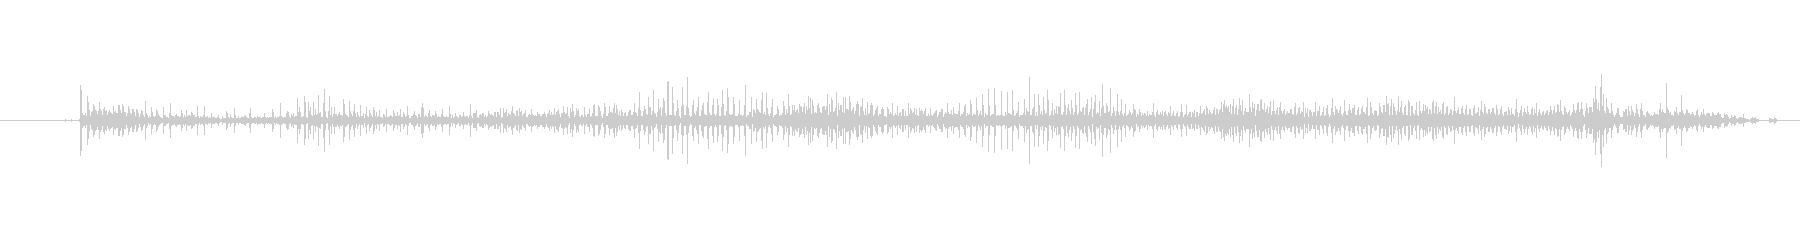 ジッパー プルオーバージャケットク...の未再生の波形